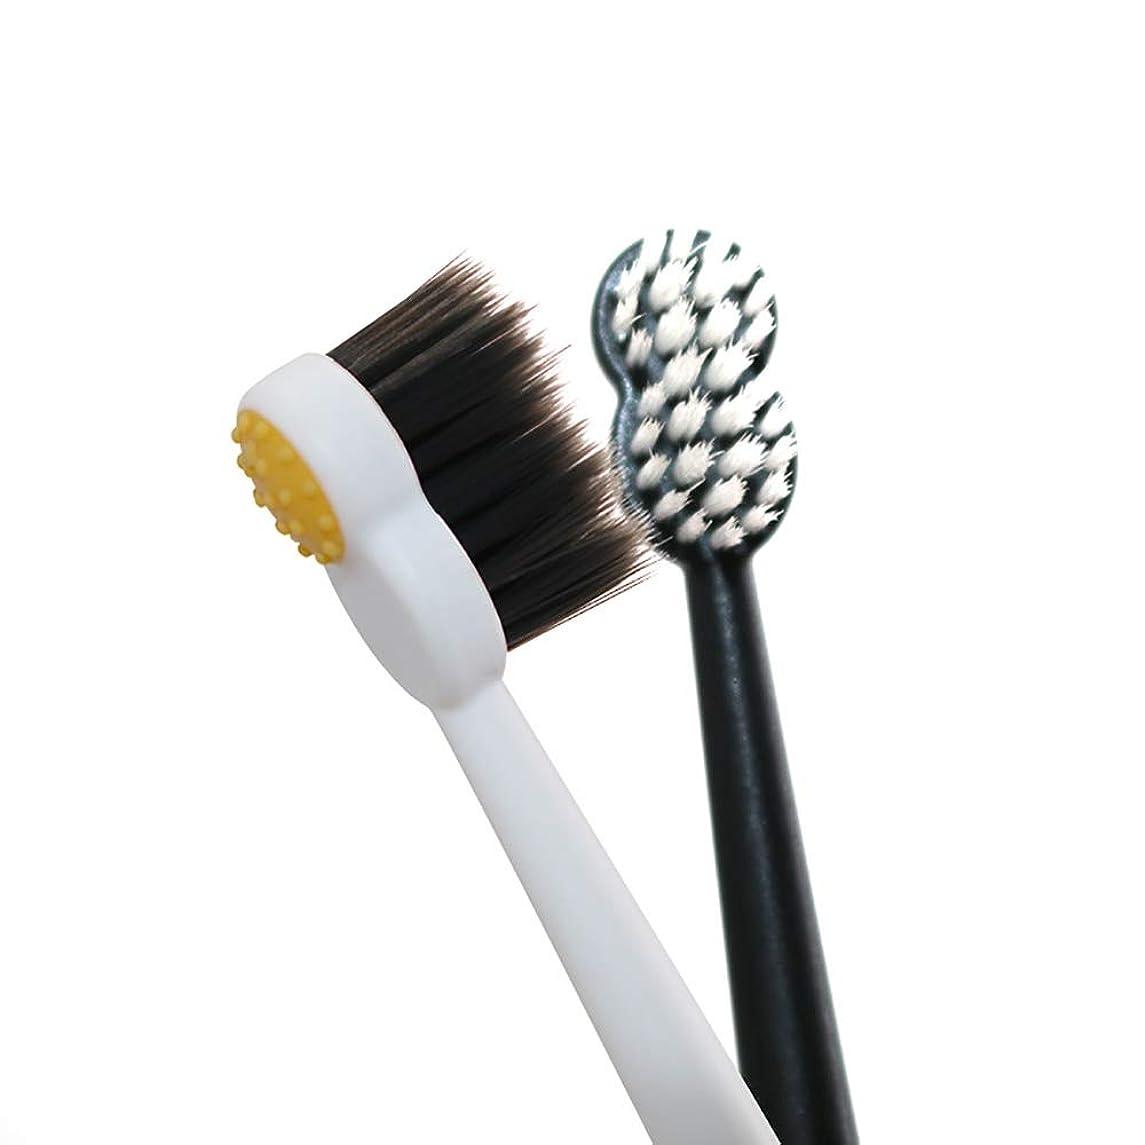 振動させる流行しているマディソン歯ブラシ 8 Wordの小さなブラシヘッド歯ブラシ、大人竹炭歯ブラシは、敏感な歯を向上 - 6パック KHL (サイズ : 6 packs)